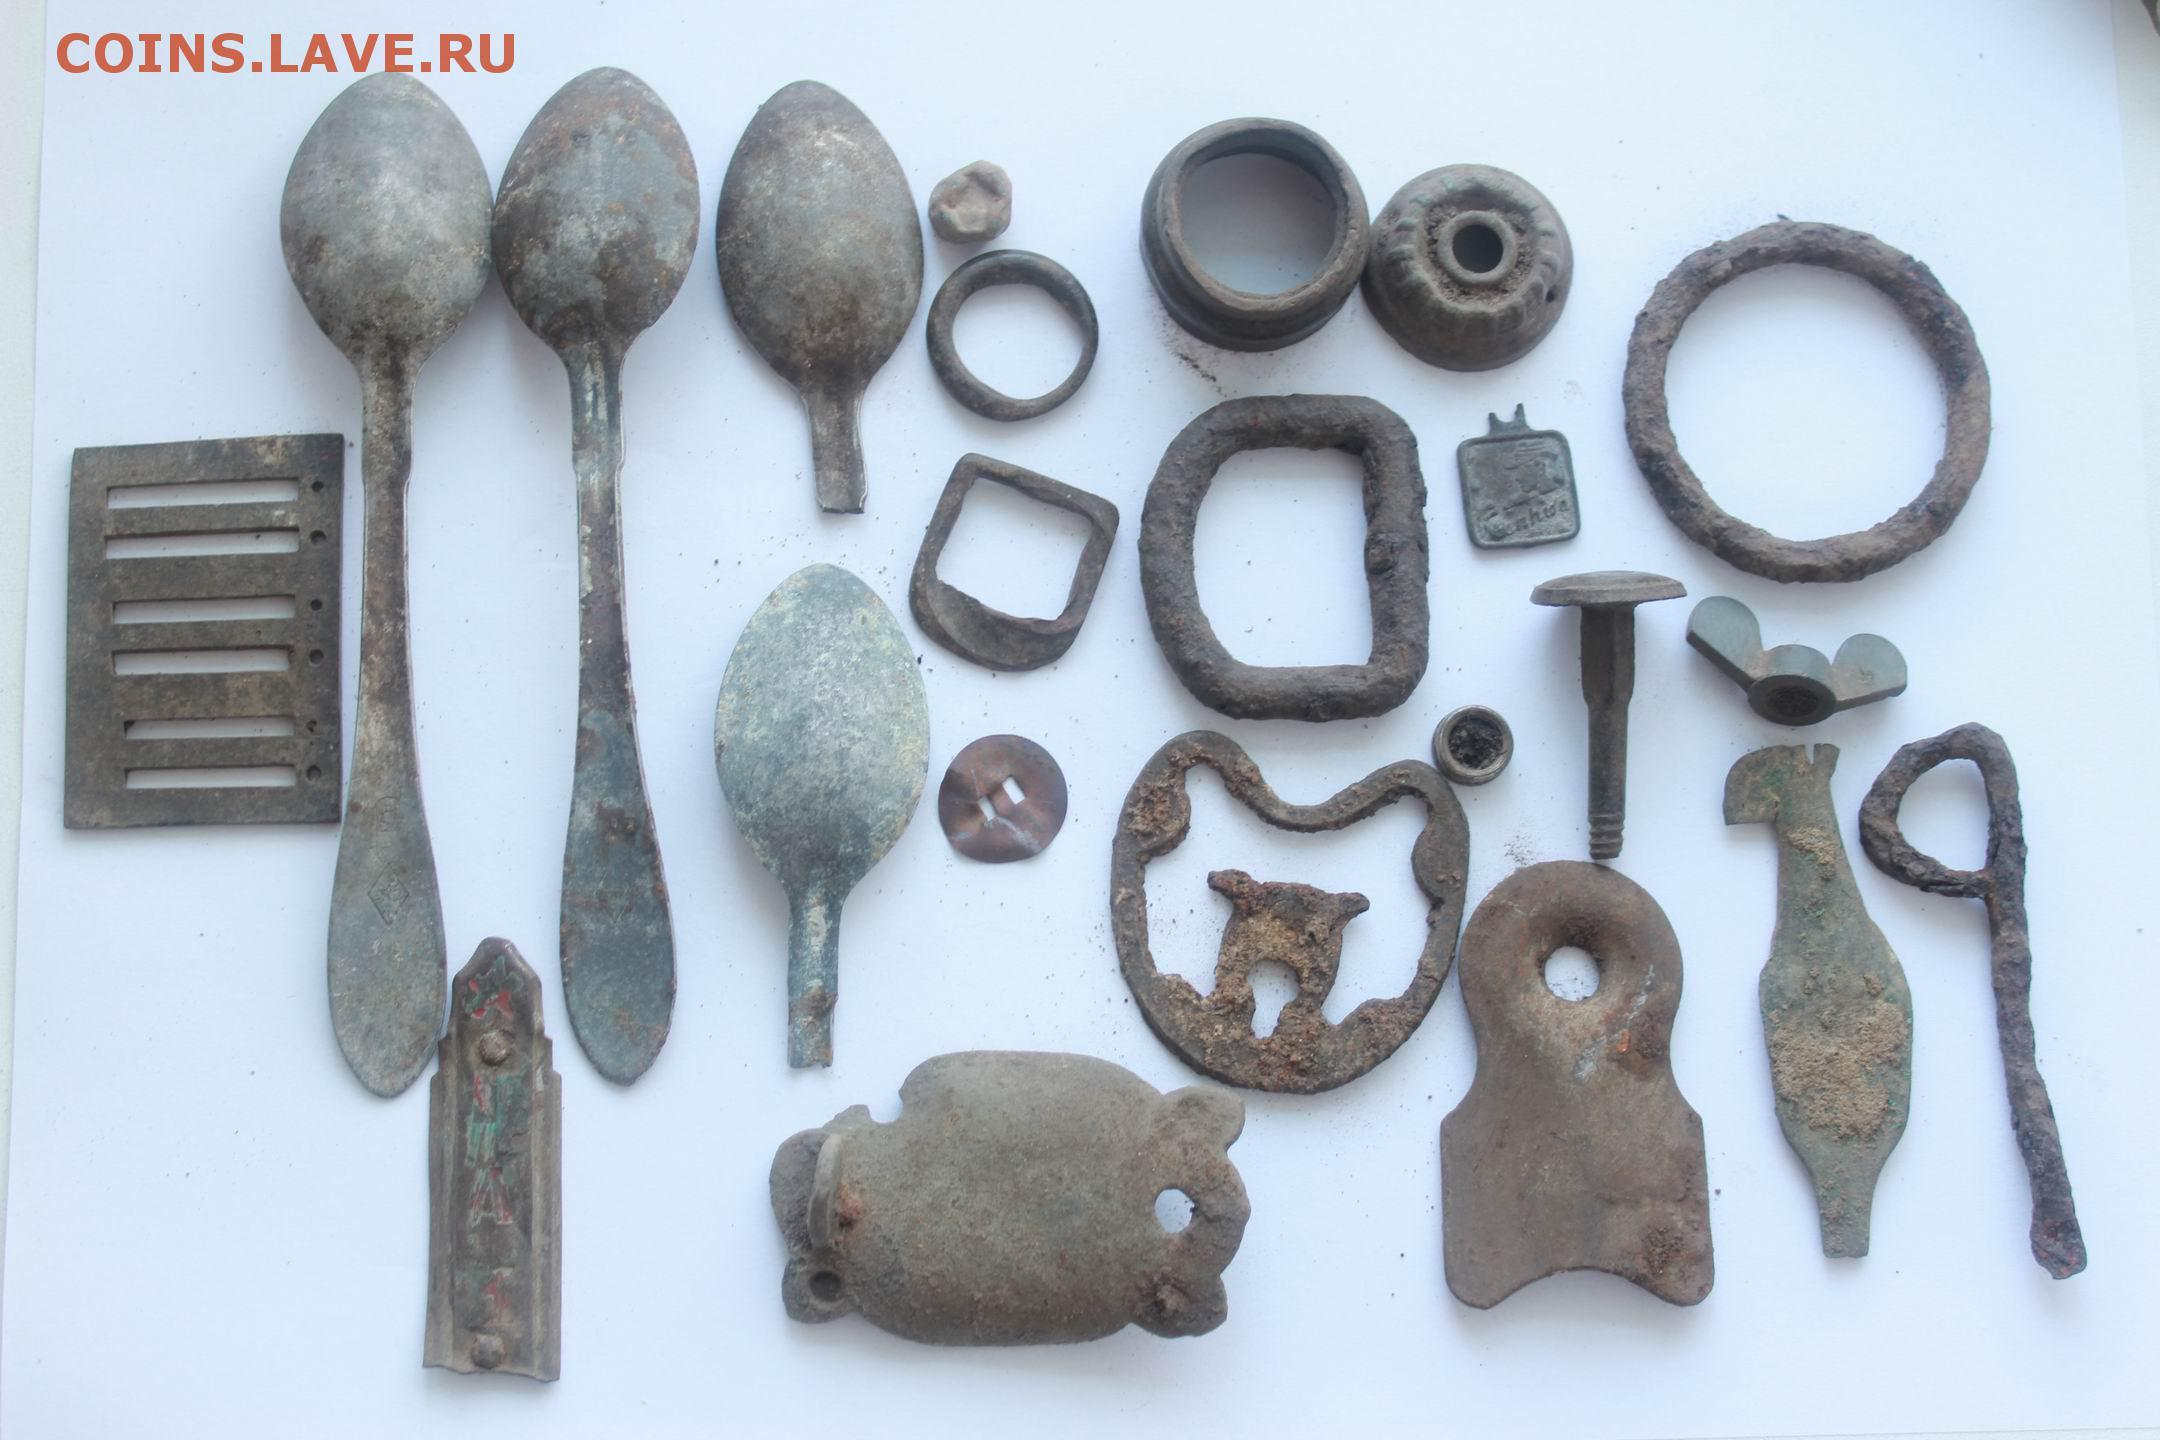 Конина, ложки и другая копанина с рубля до 31.05.2015 - моне.